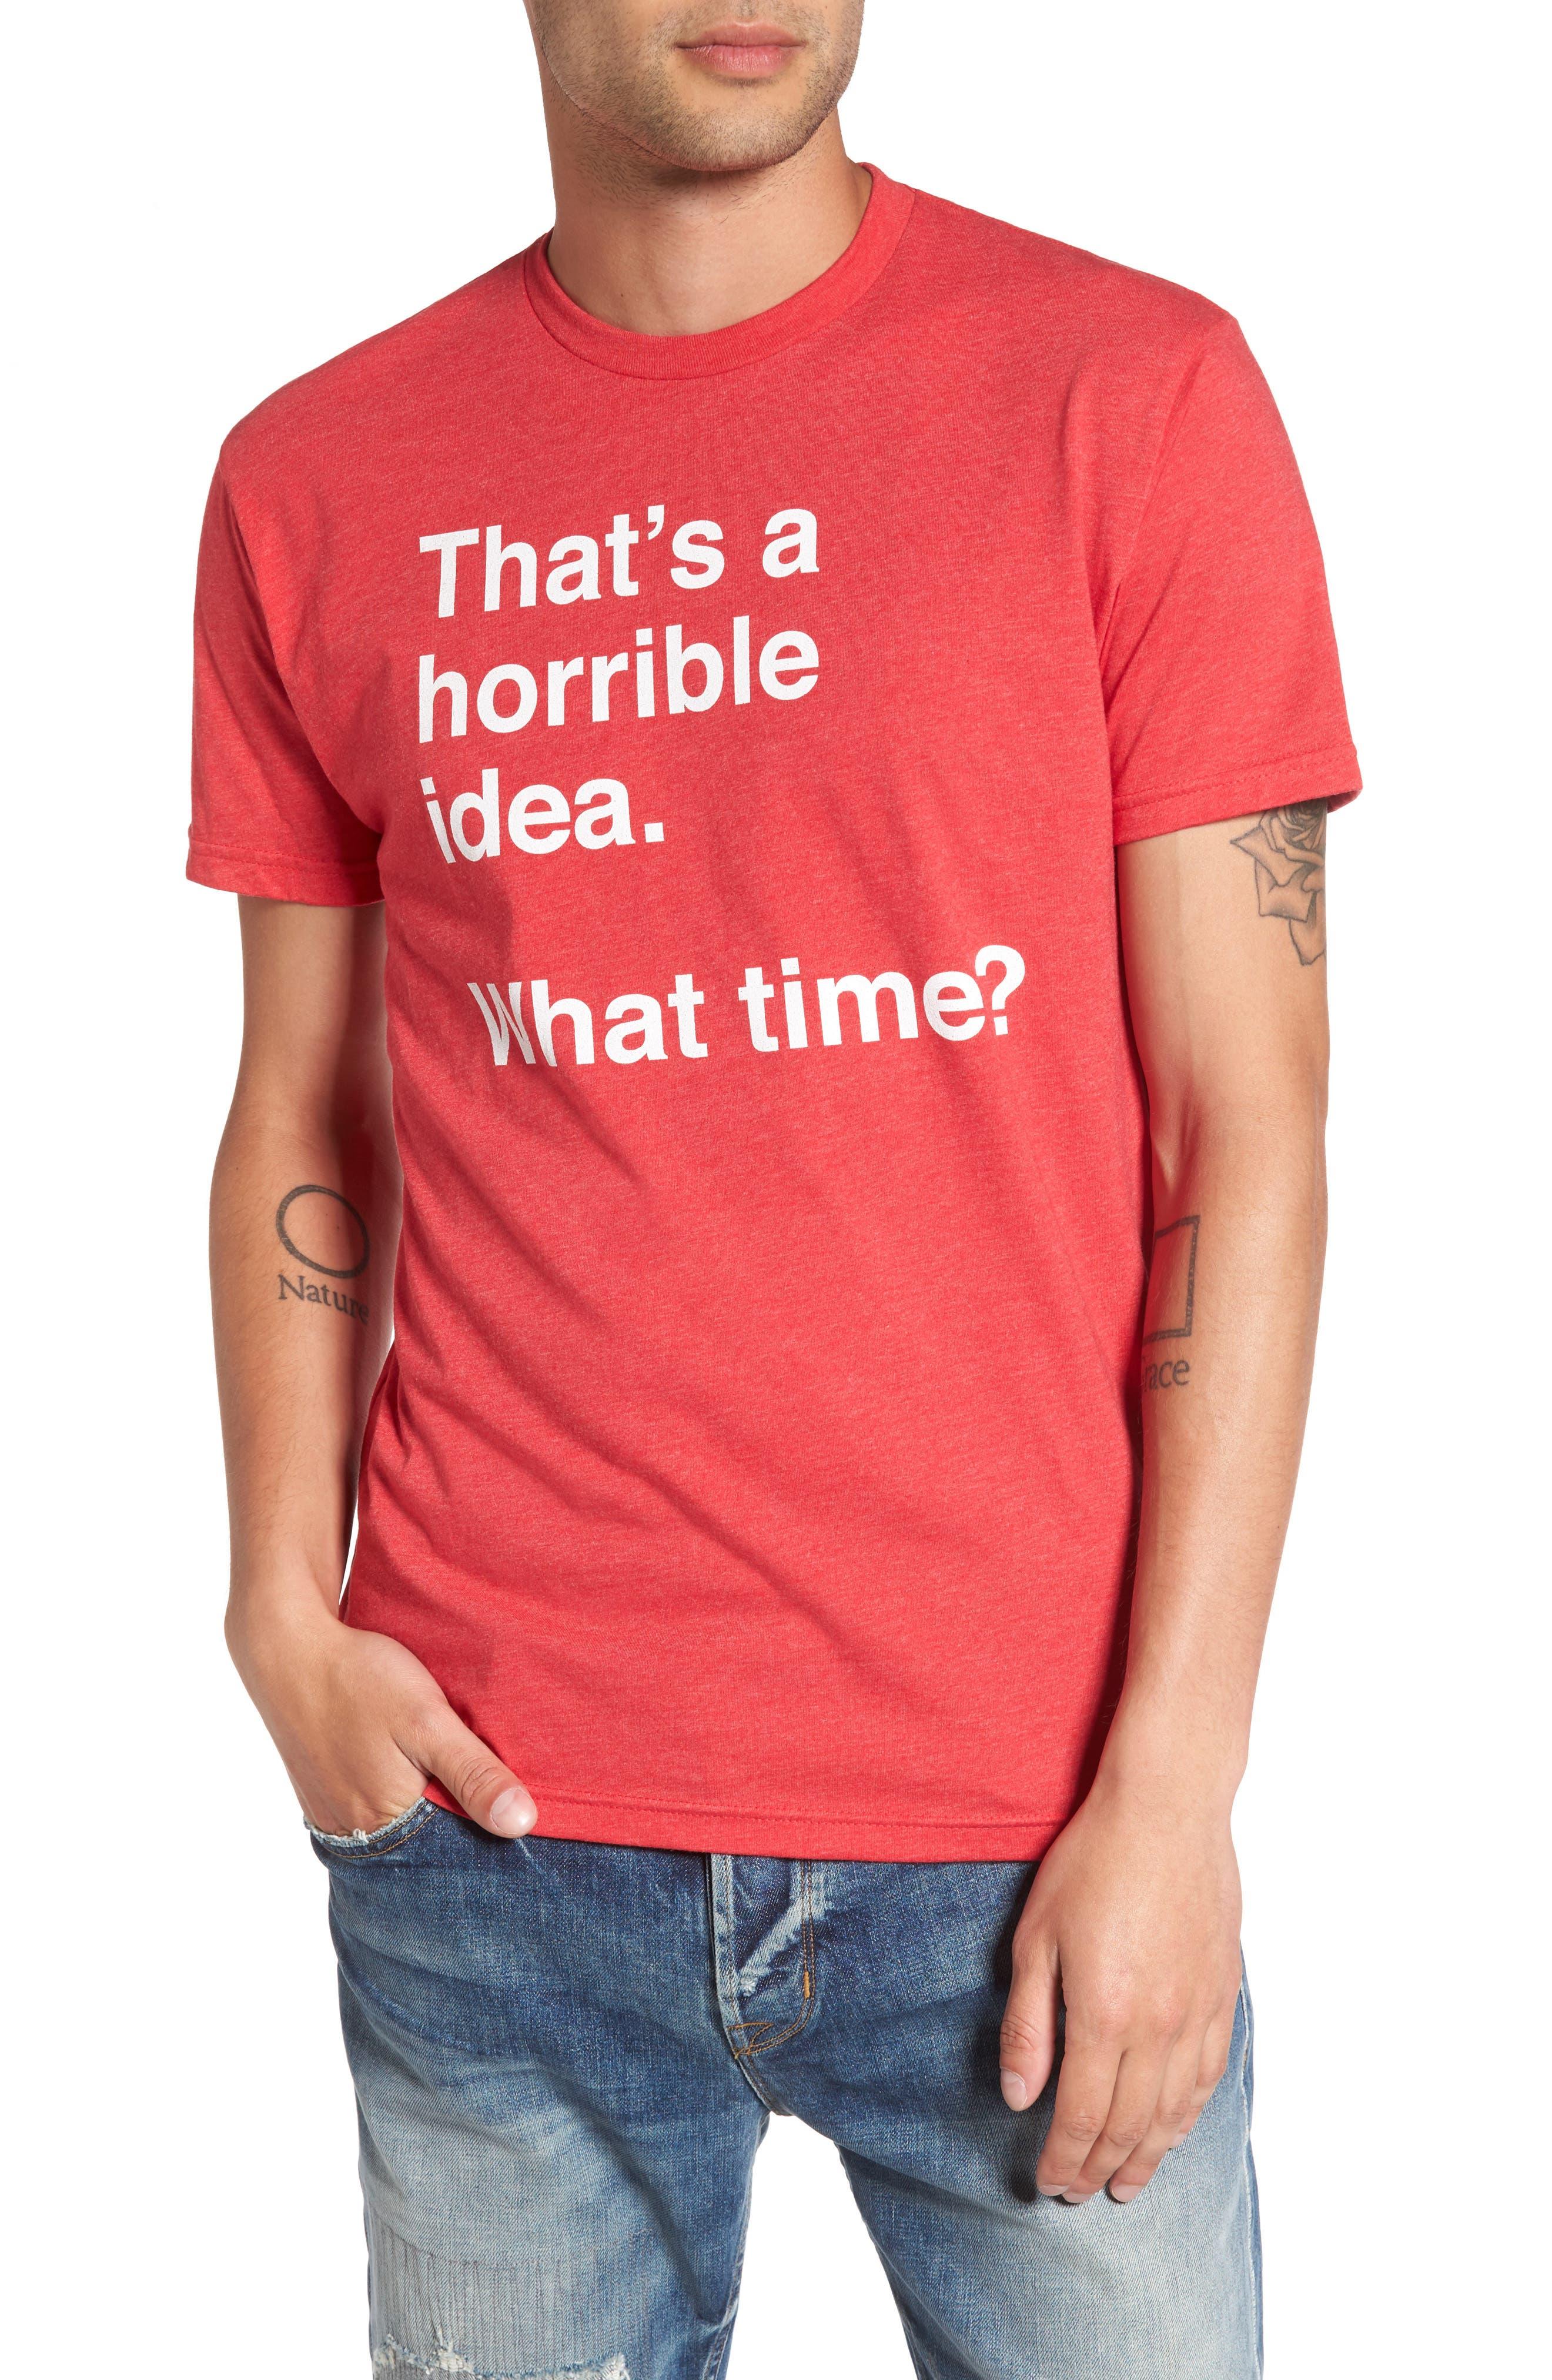 Main Image - Kid Dangerous Horrible Idea Graphic T-Shirt